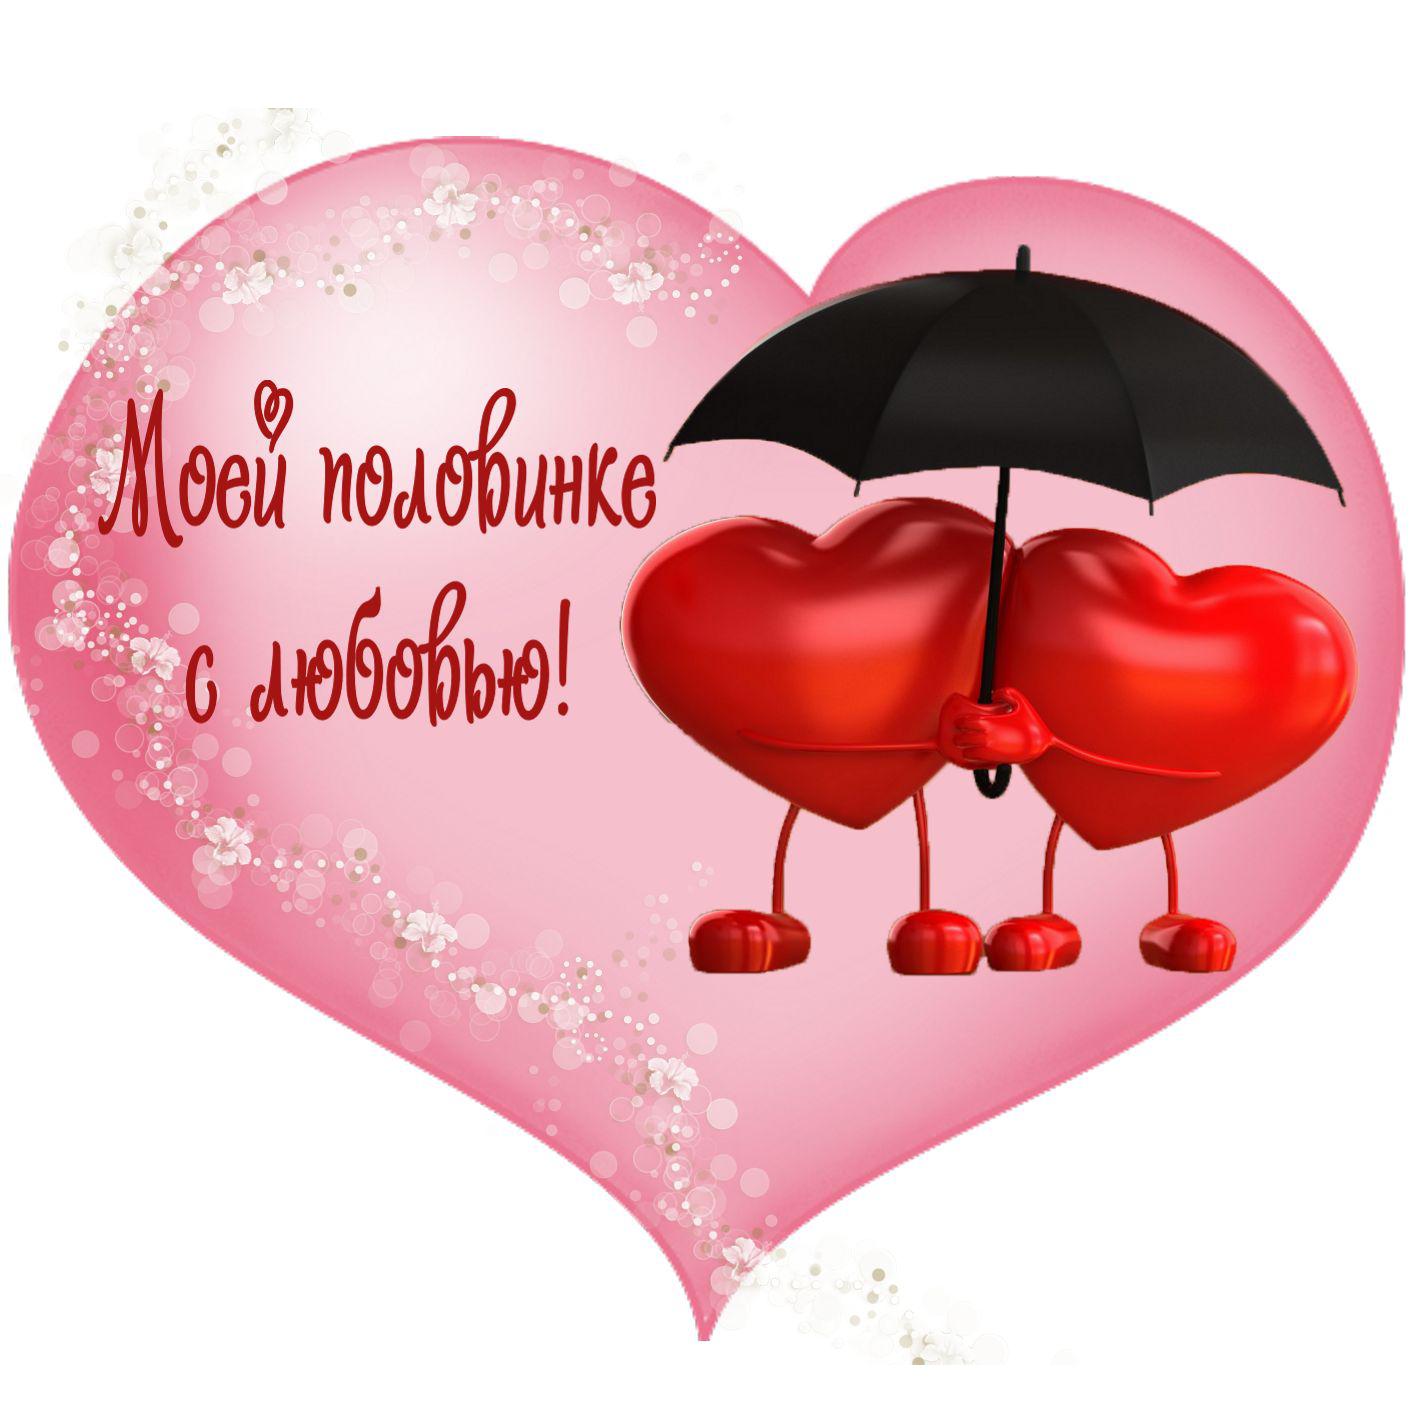 Валентинка - два влюленных сердца под зонтиком